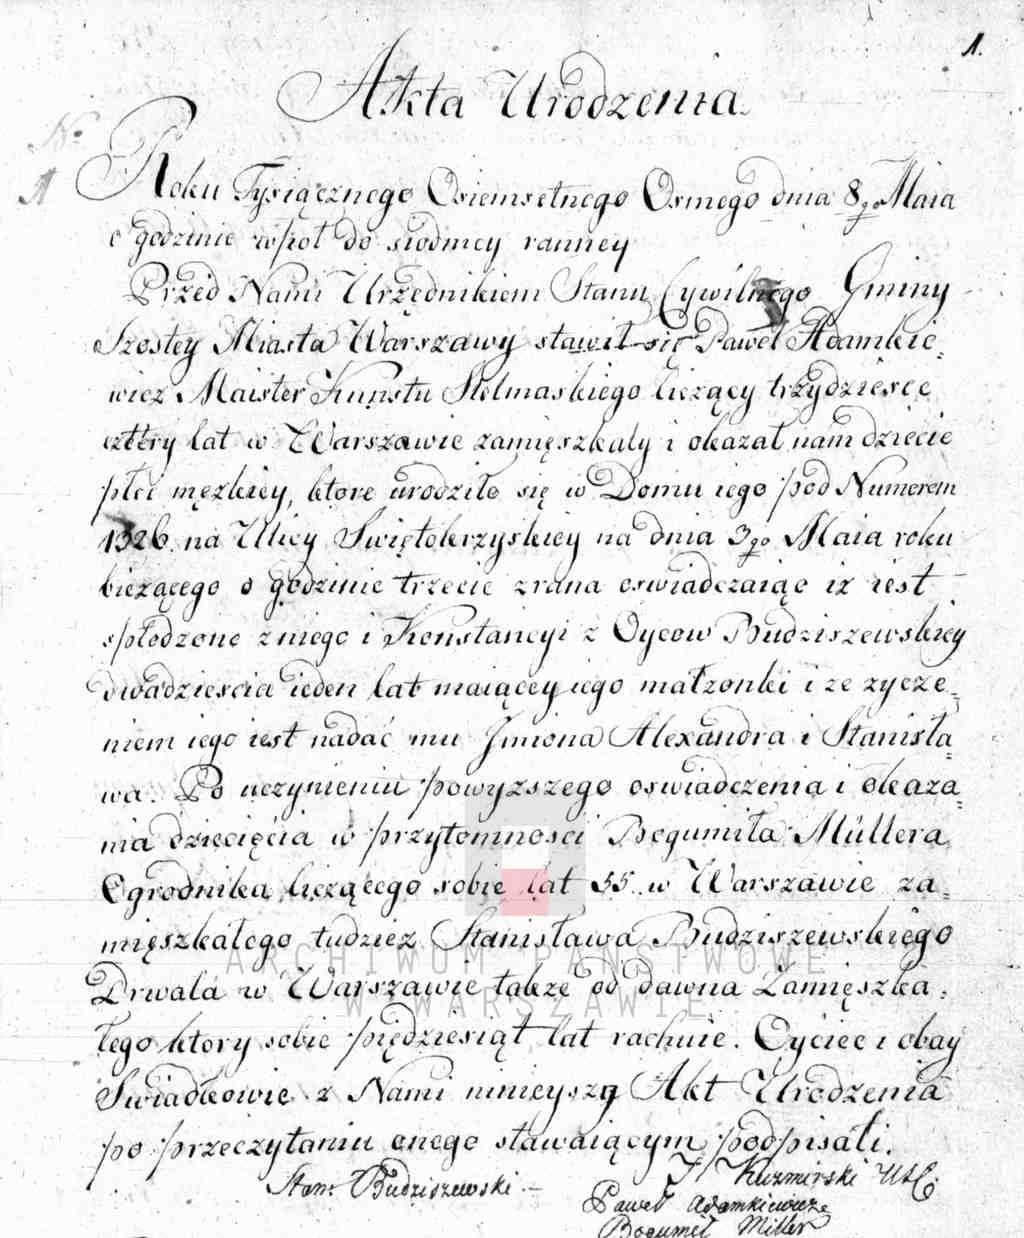 Historia XIX wieku dla historyków rodzin Akta stanu cywilnego gminy warszawskiej V cyrkułu akt urodzenia z 1808 rok